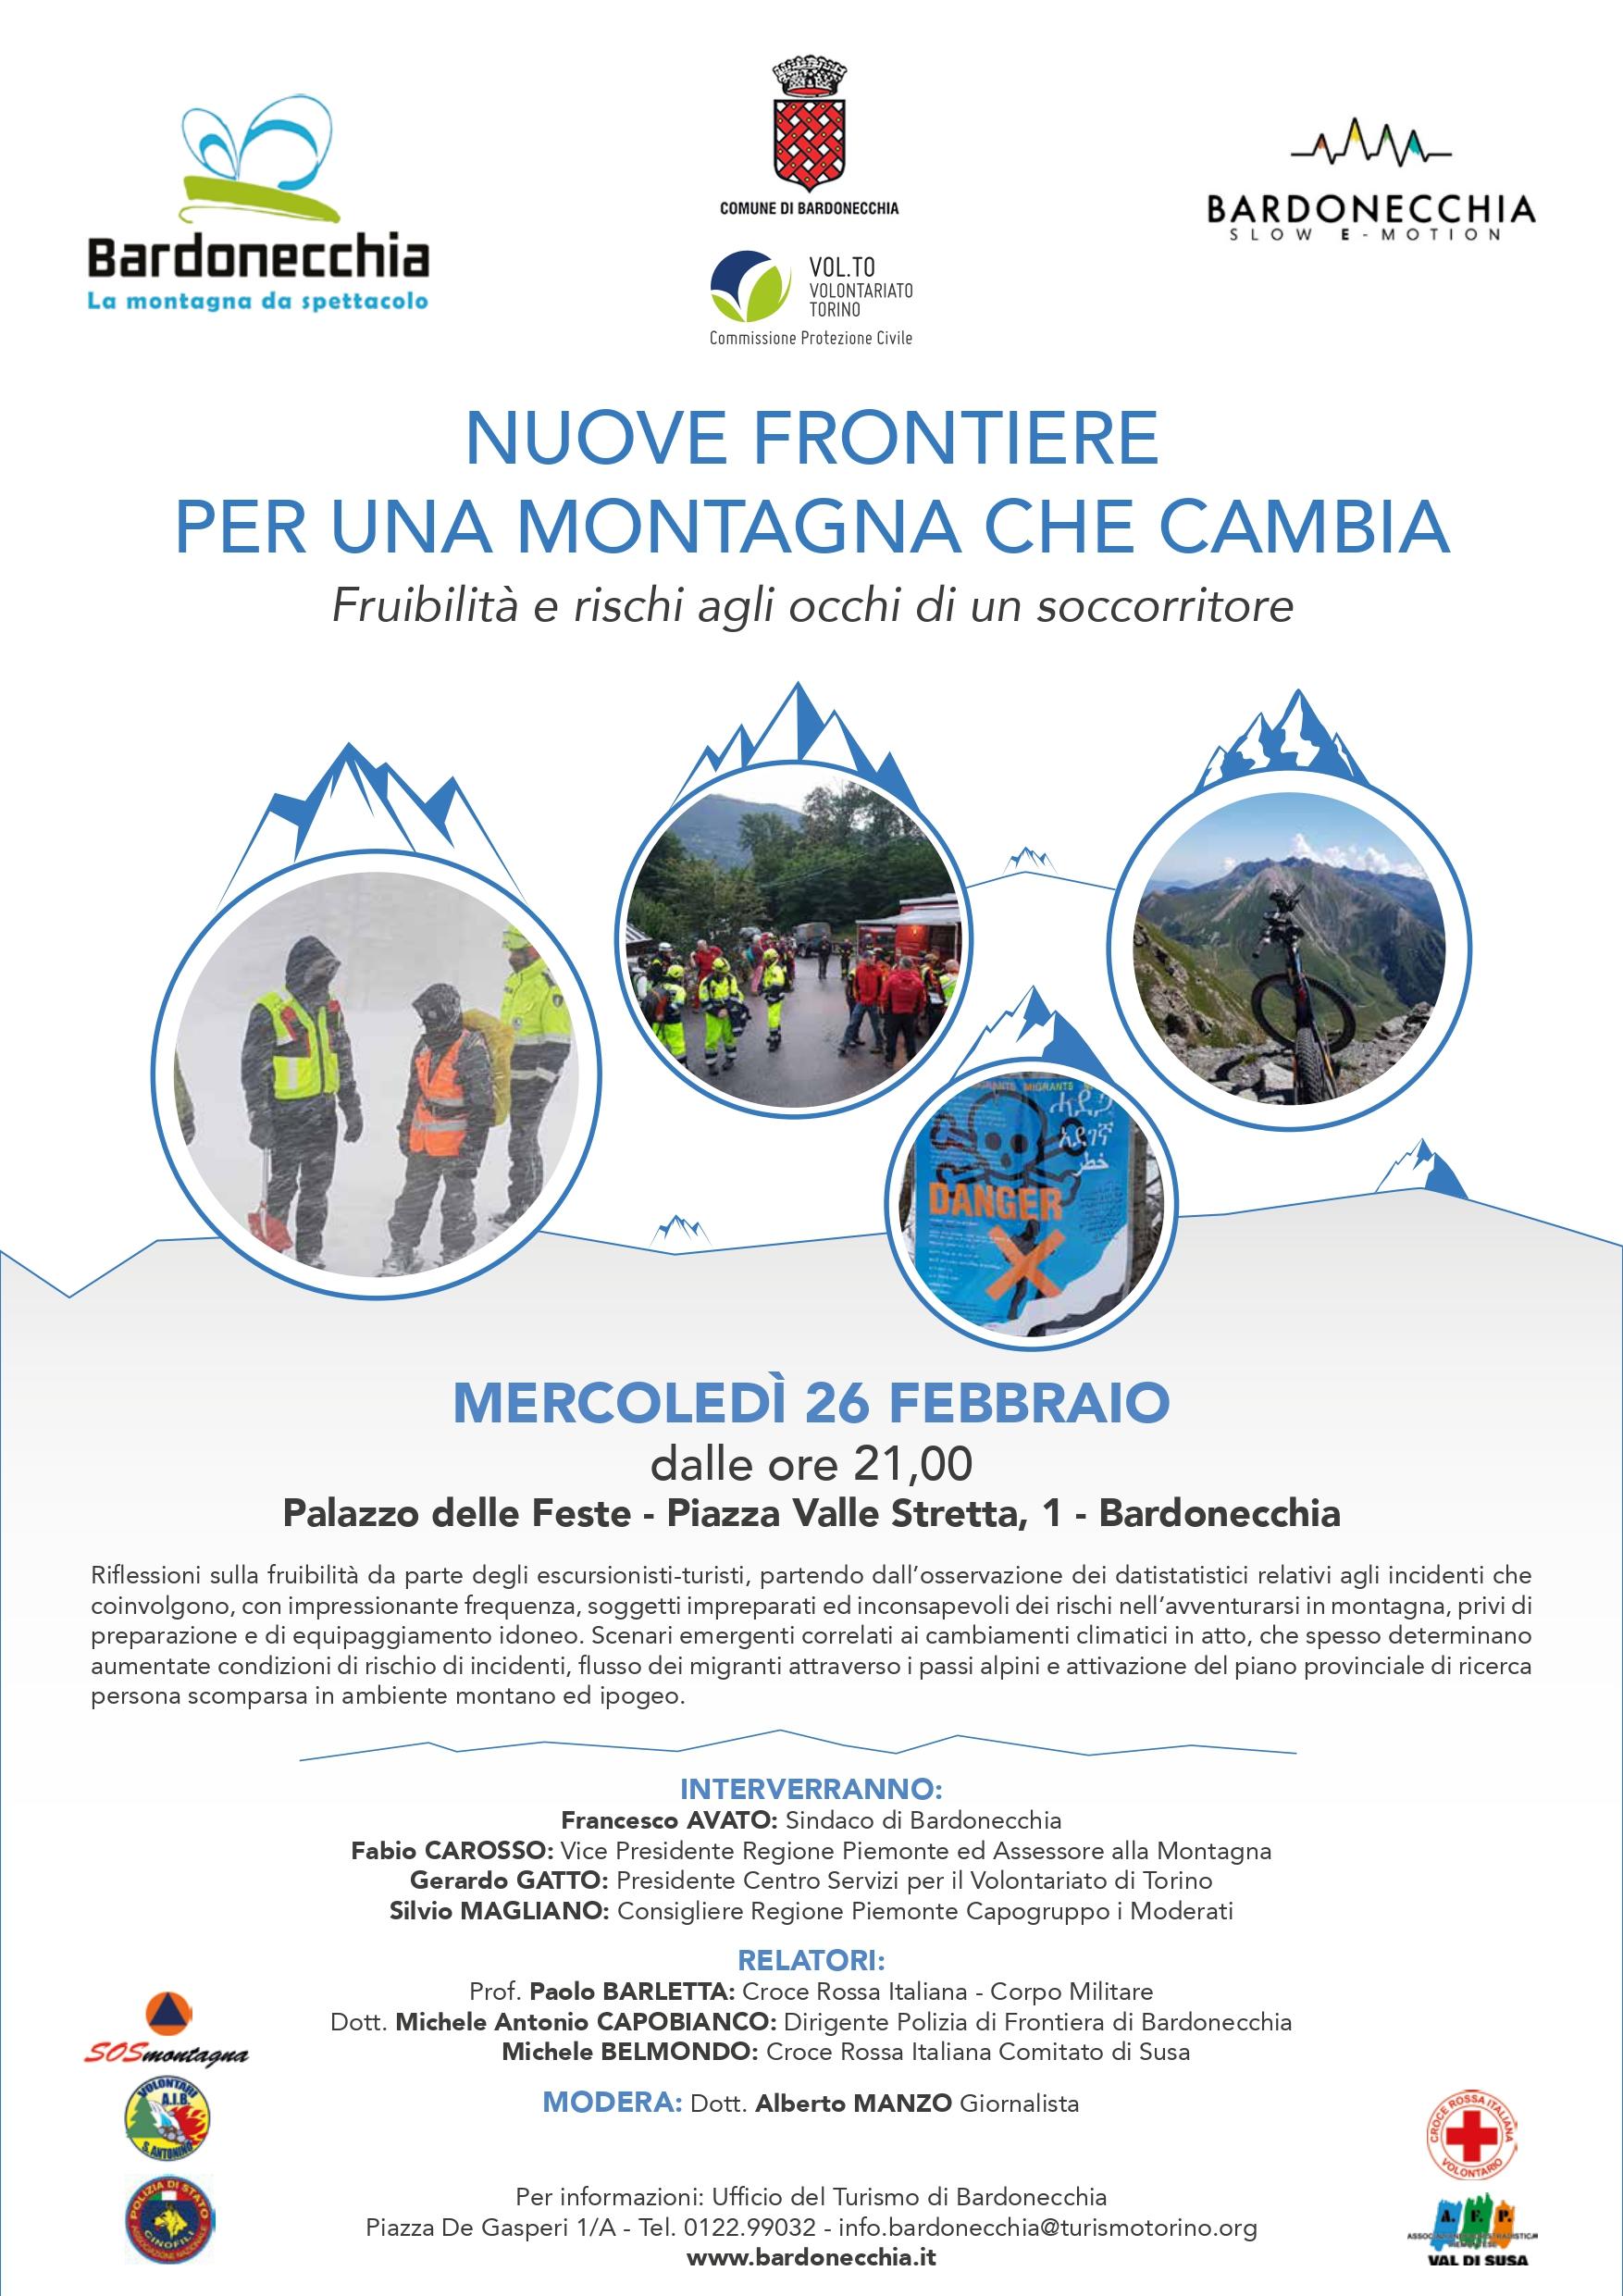 """Bardonecchia - Locandina Convegno """"Nuove frontiere per una montagna che cambia: fruibilità e rischi agli occhi di un soccorritore"""""""